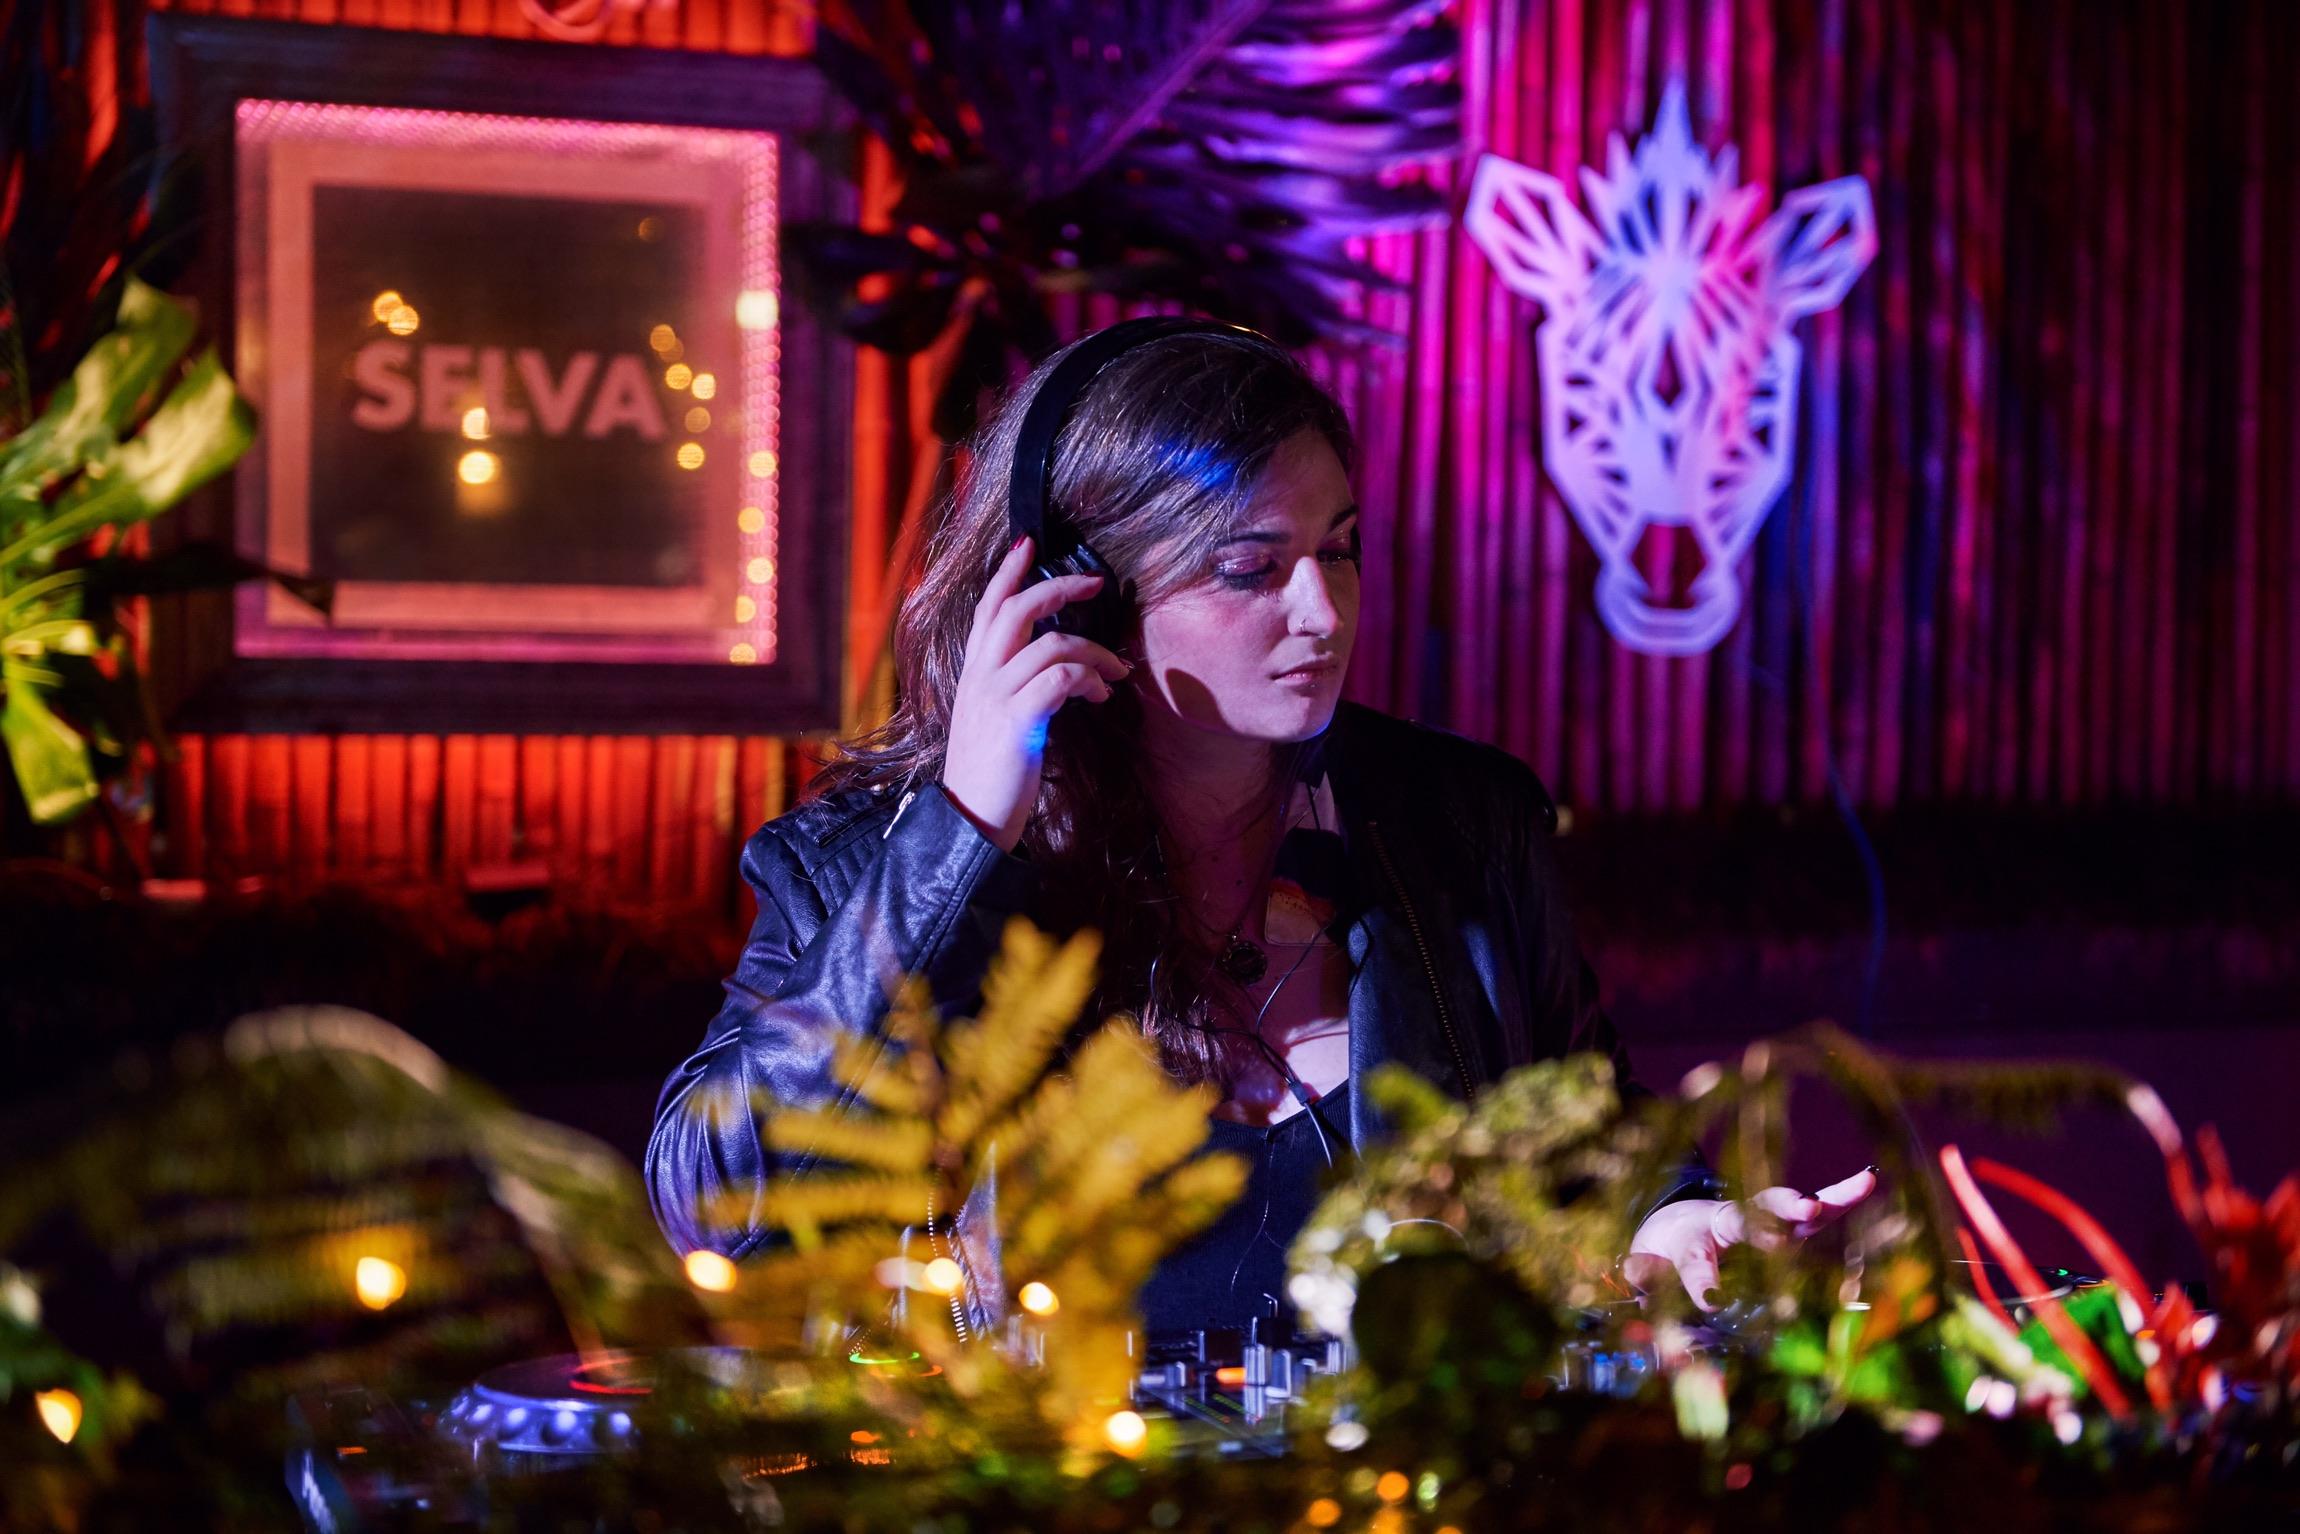 Victoria Poletti y una hora de tech house - Radio Cantilo